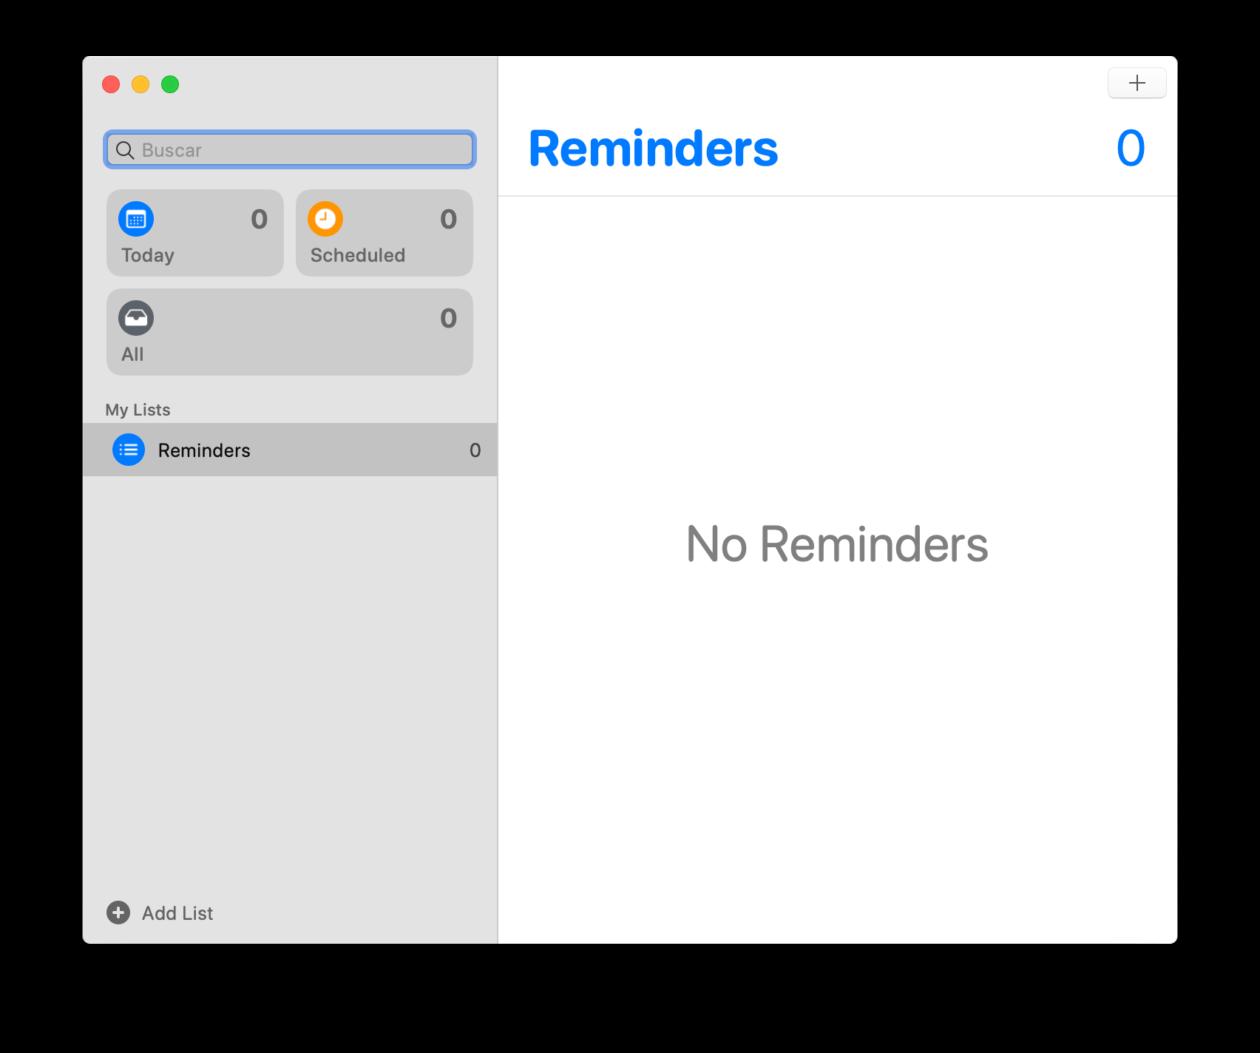 إعادة تصميم تذكير التطبيق على نظام التشغيل MacOS كاتالينا